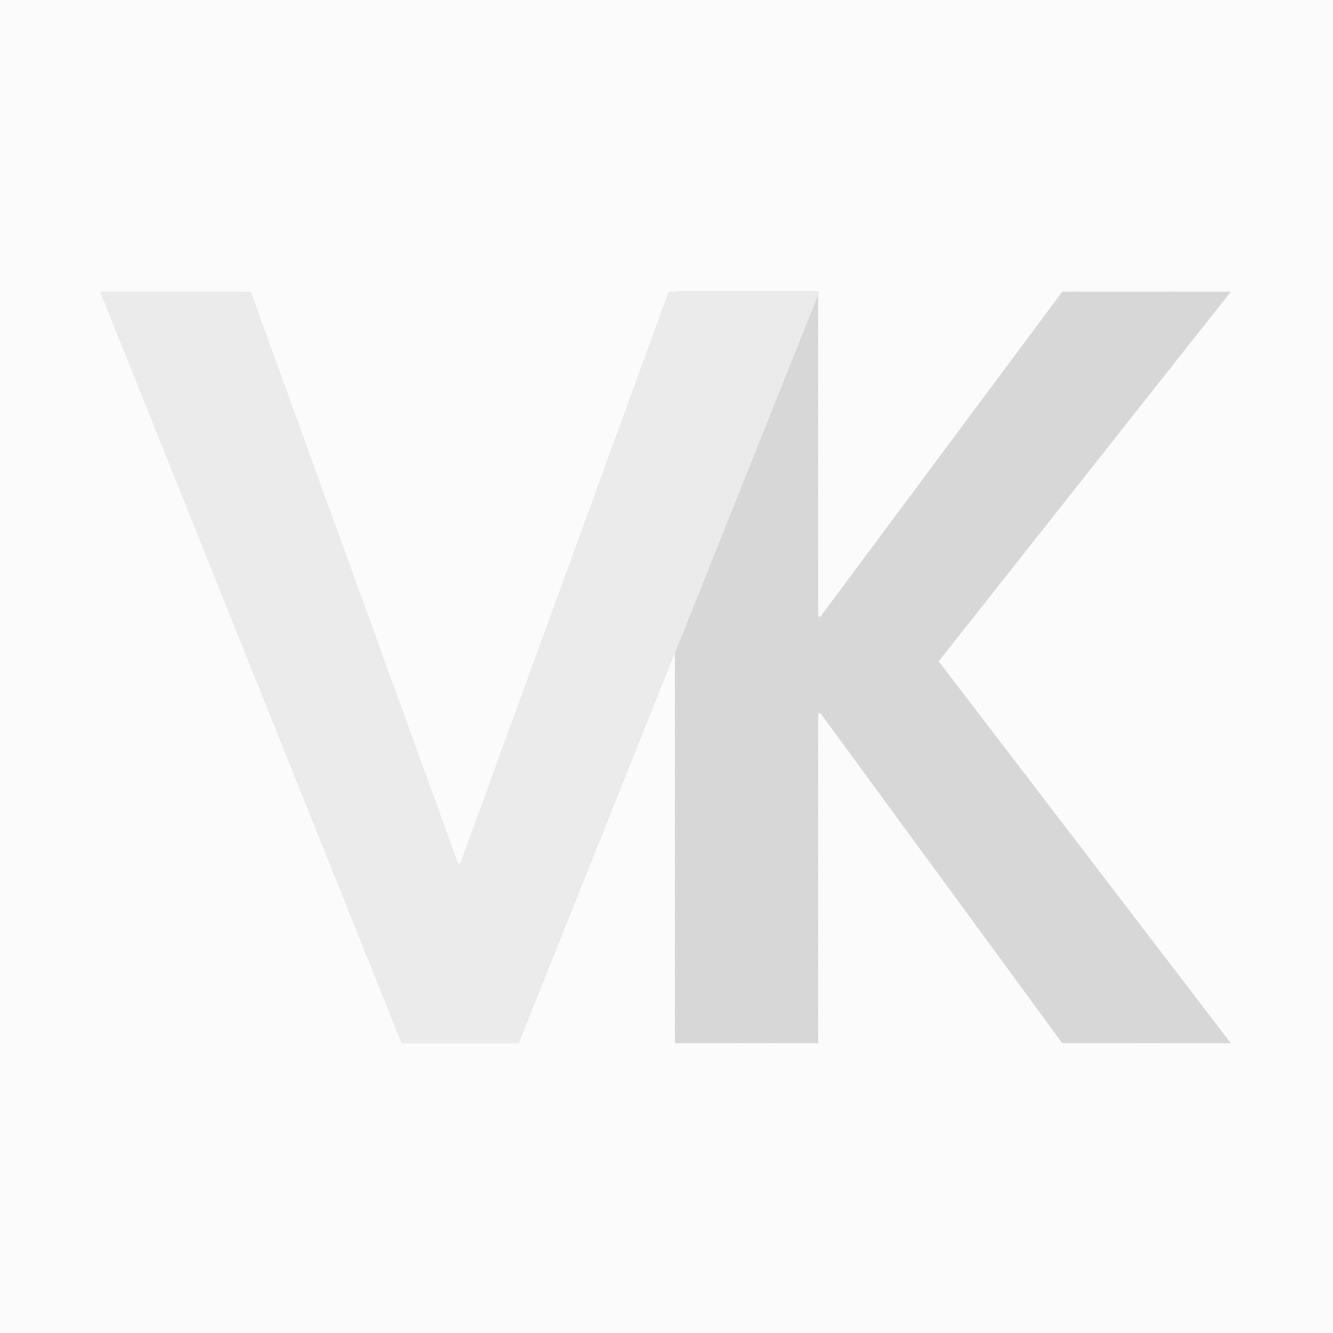 Krulborstel Cera Hotstyler 45mm